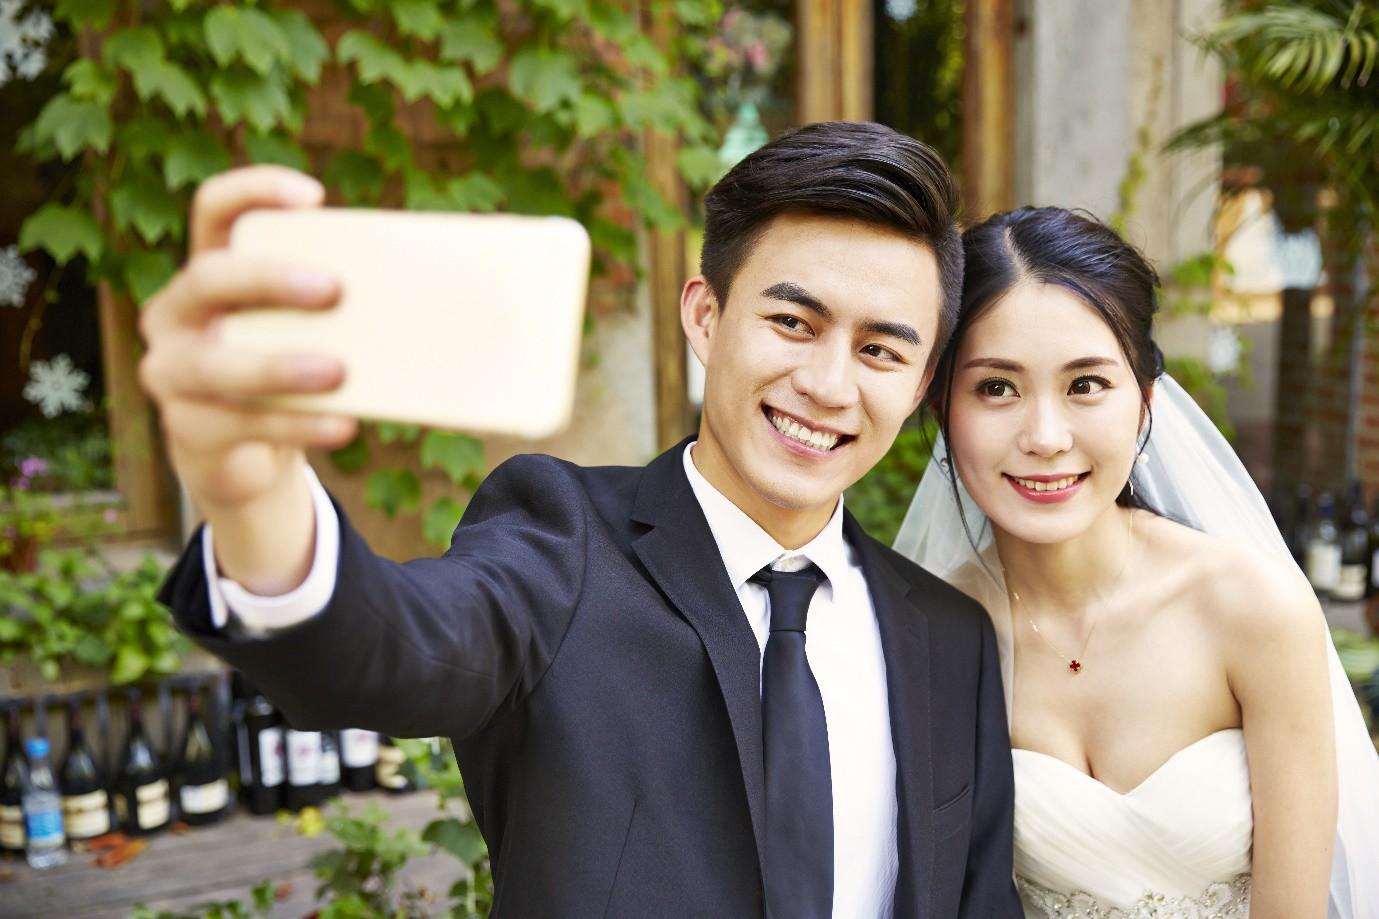 5 bí quyết giữ thần thái để có bộ ảnh cưới trong mơ - Ảnh 5.